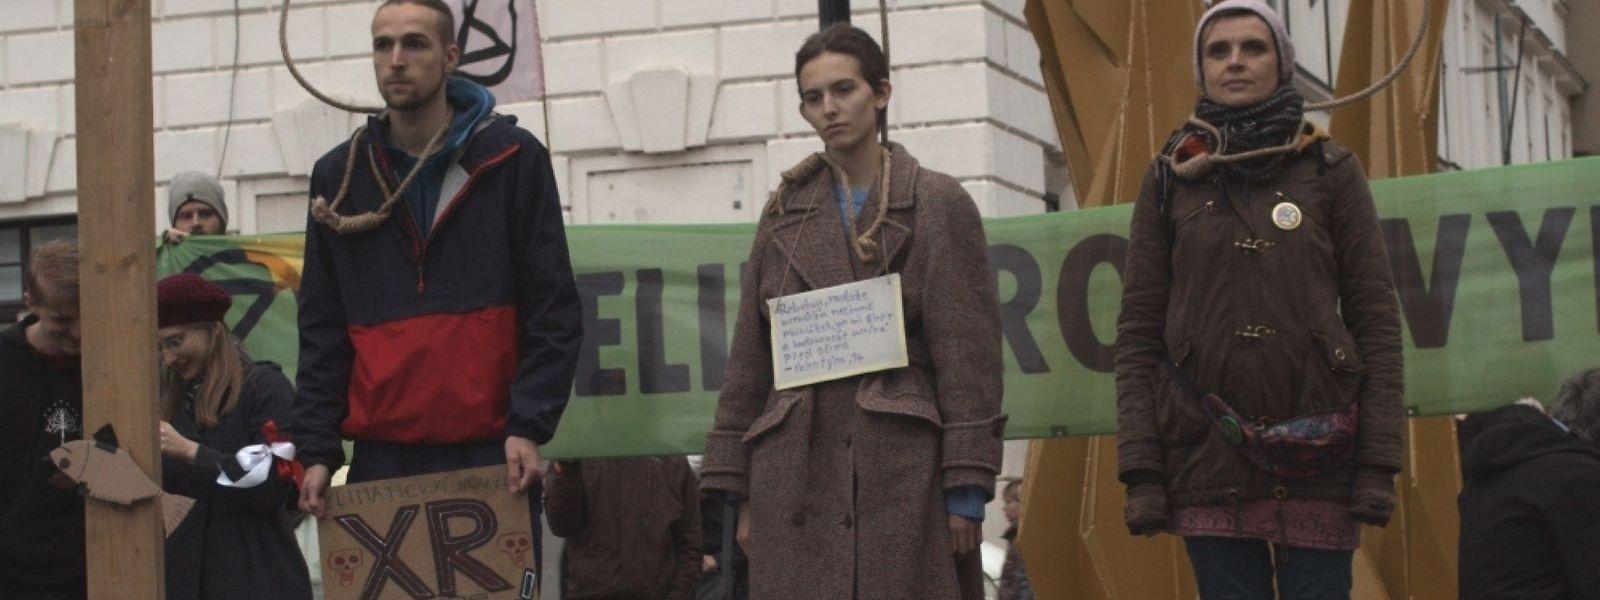 """Die Dokumentation """"Grief"""" über die Extinction Rebellion-Bewegung ist eines der zahlreichen Highlights des diesjährigen CinEast."""